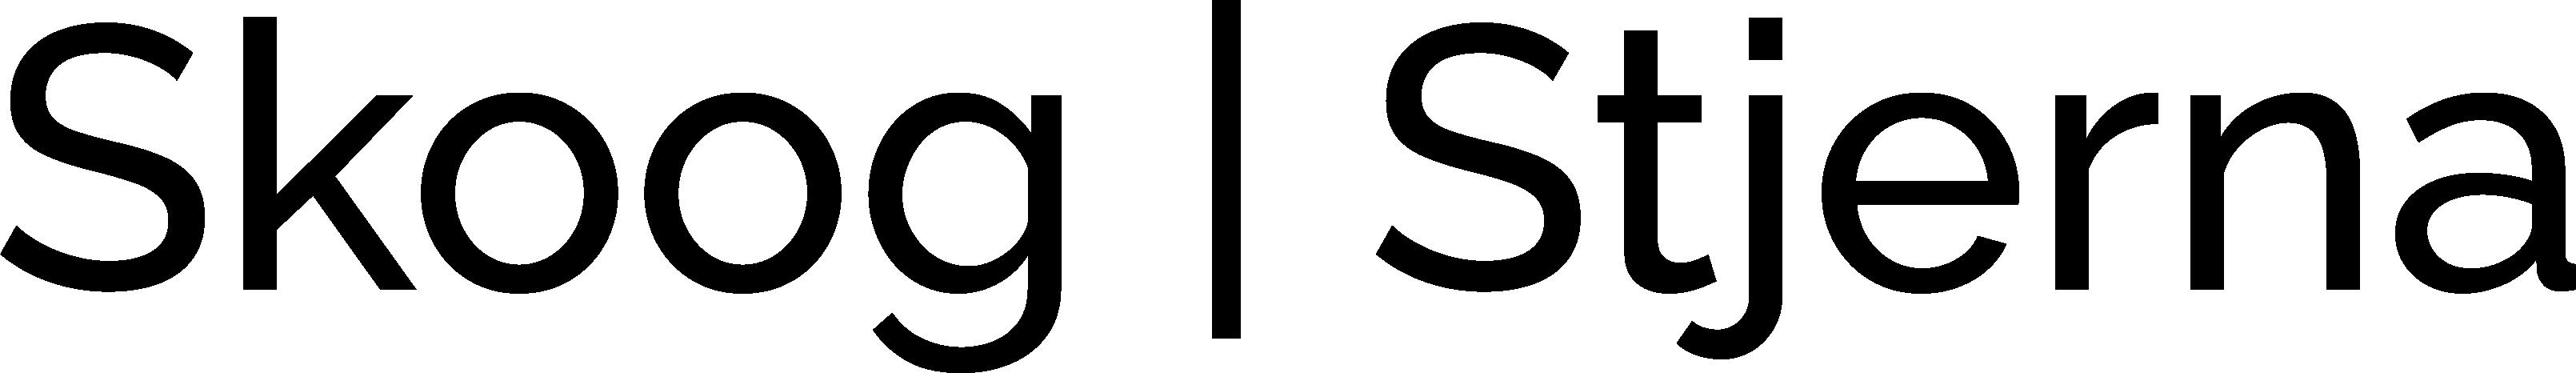 Skoog | Stjerna logo